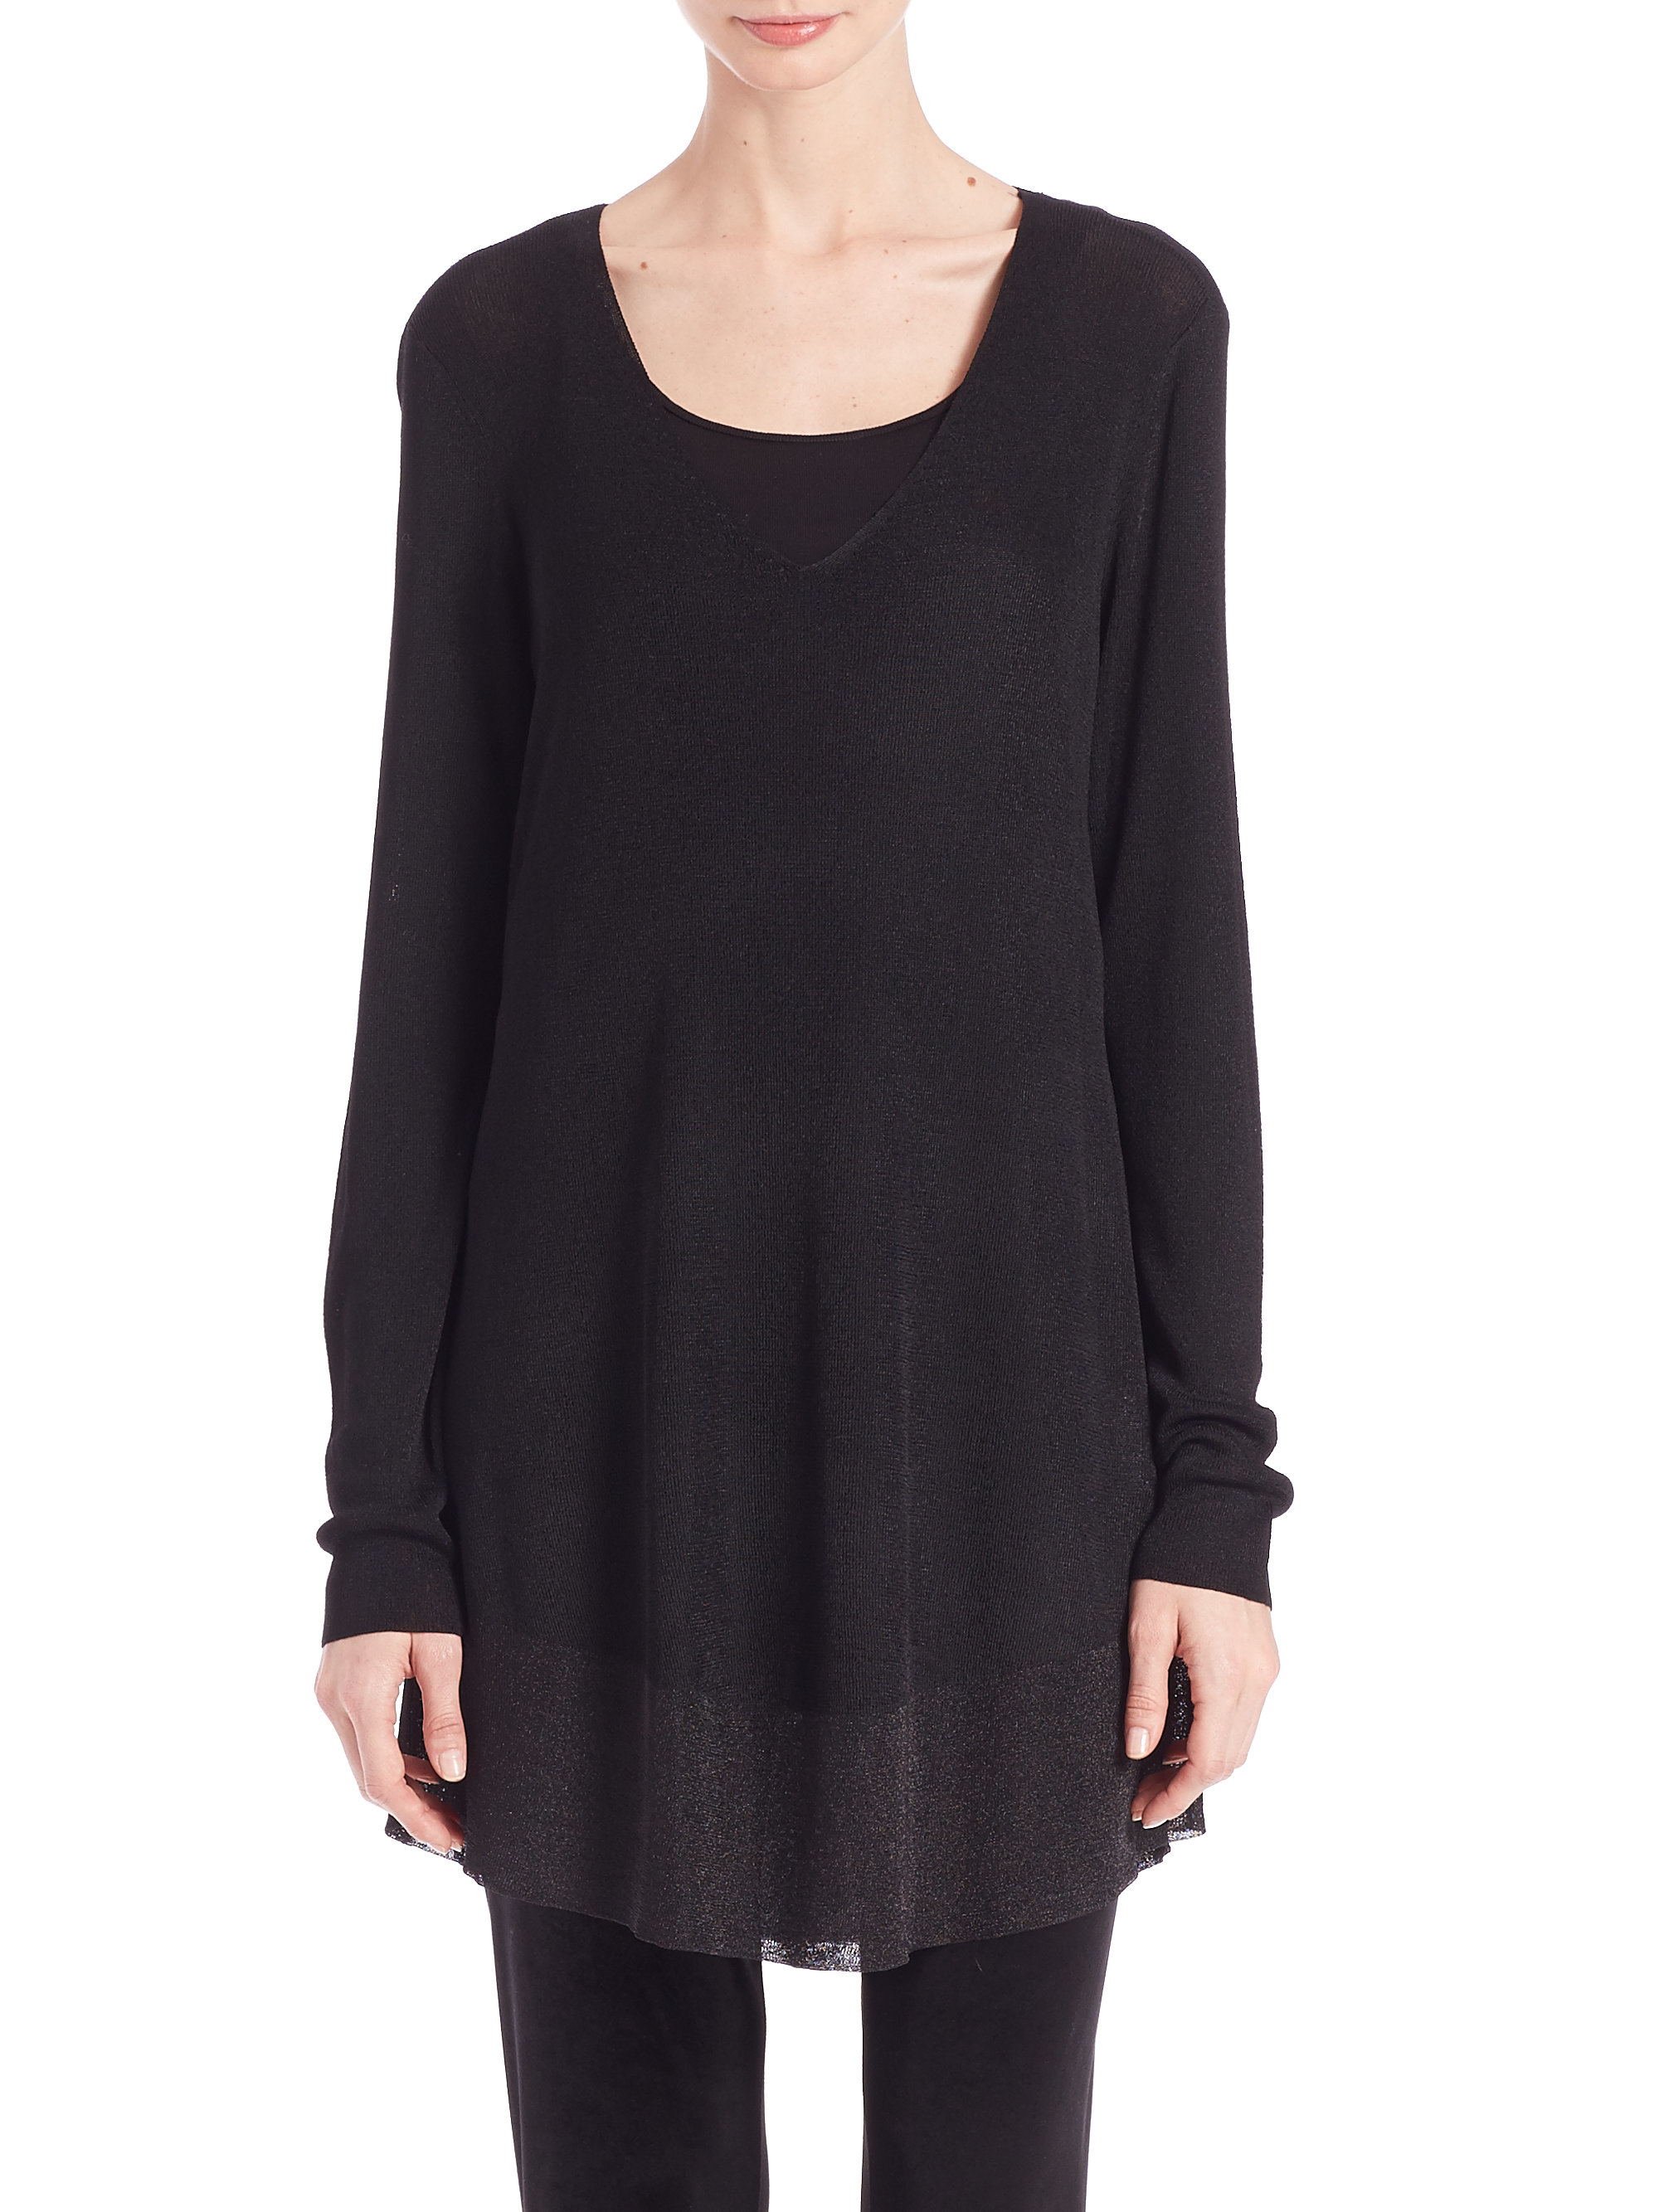 Eileen fisher Shimmer V-neck Tunic in Black | Lyst